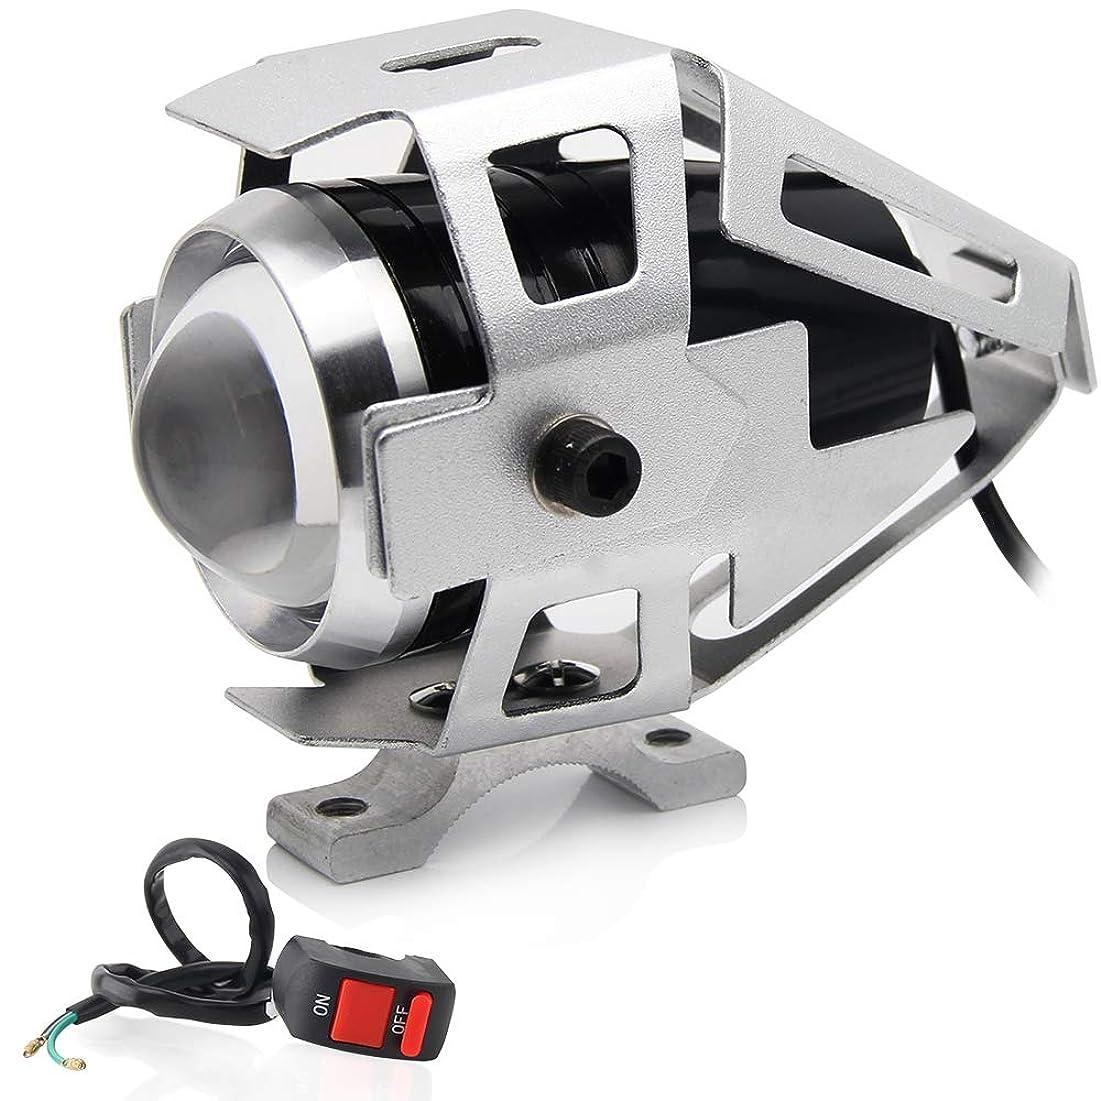 転倒ベテランダメージZ1-1BL 爆光 LEDライト ステー付 青 片側交互ストロボ発光 リモコンジョグ ジョグZ ジョグZR/エボリューション BW'S125 BWS シグナスX/SR マジェスティ125/FI マジェスティ250/C 汎用 外装 ヘッドライト デイライト フォグランプ テールランプ バックフォグ 色々なLEDアクセサリーに